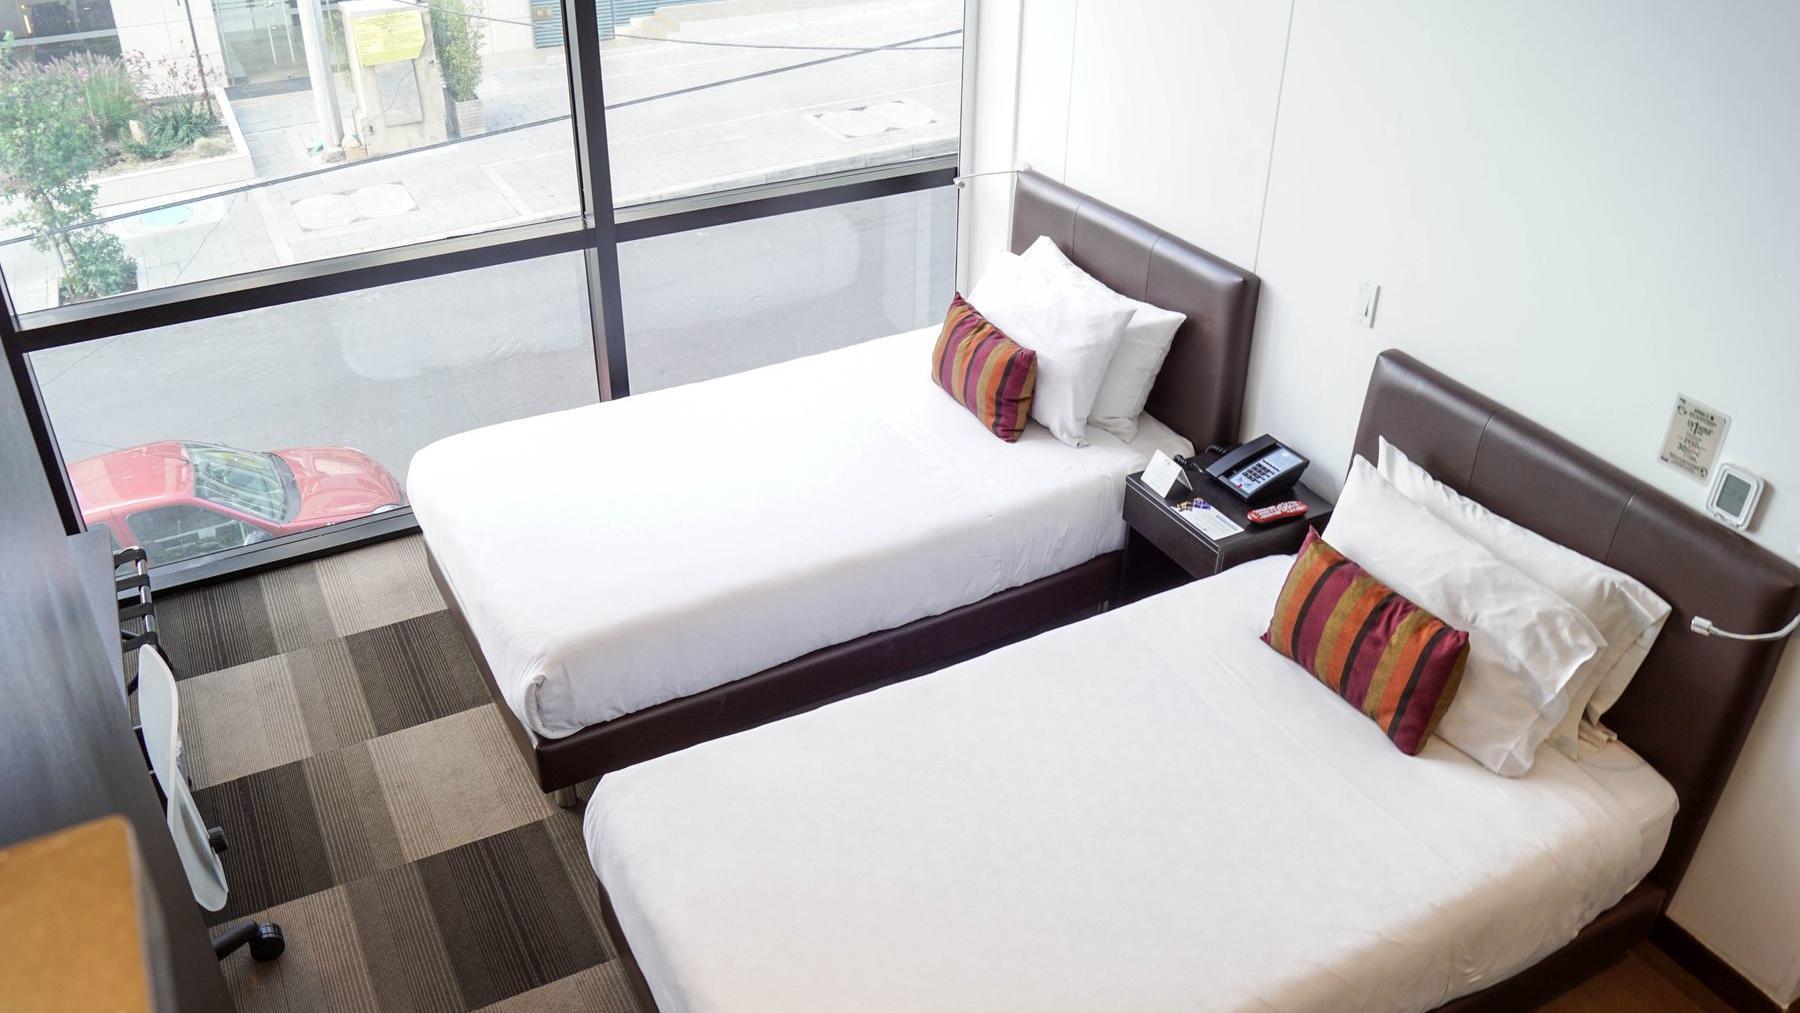 Habitación para dos personas en cama individual sencilla en Bogotá, Usaquén